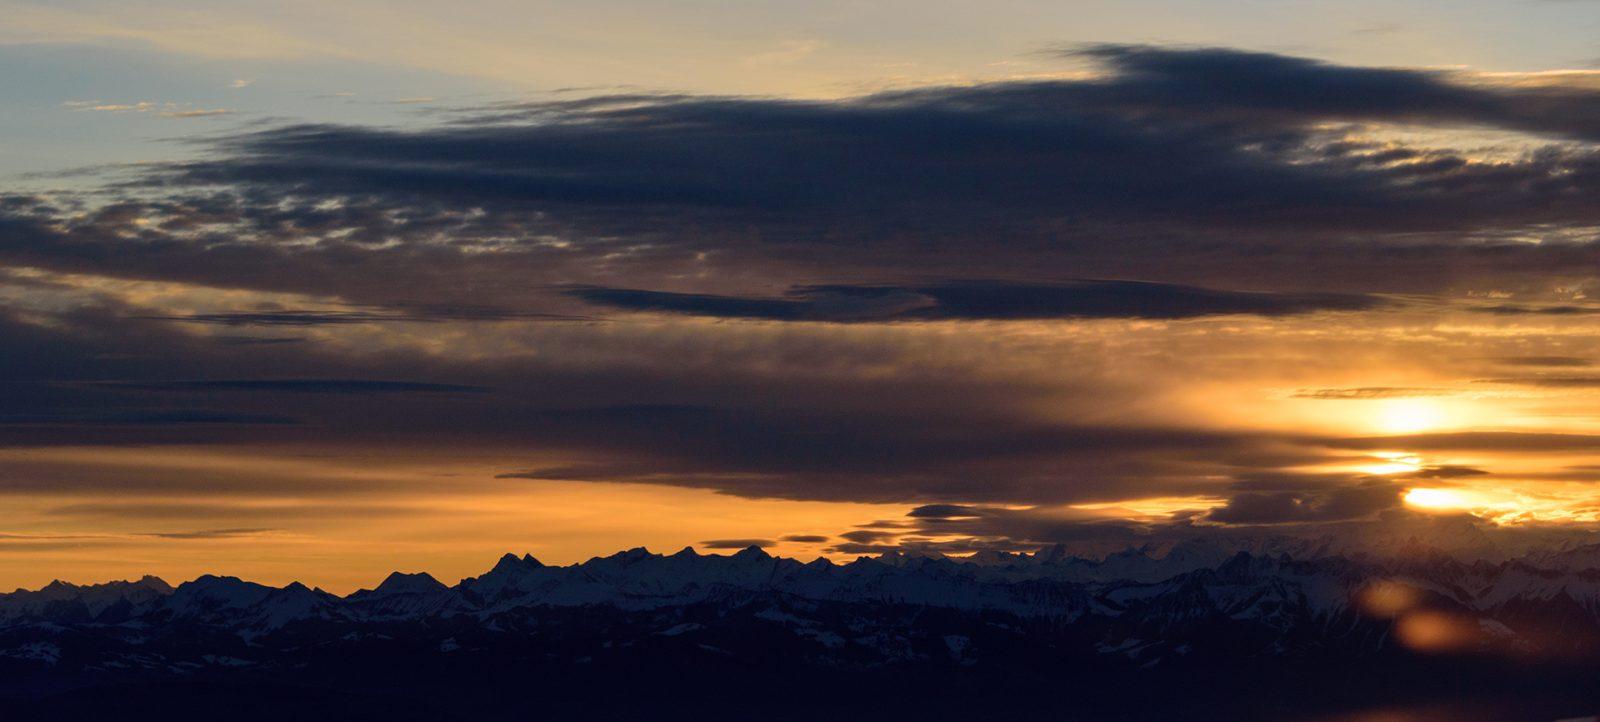 Mountain Rise Twa